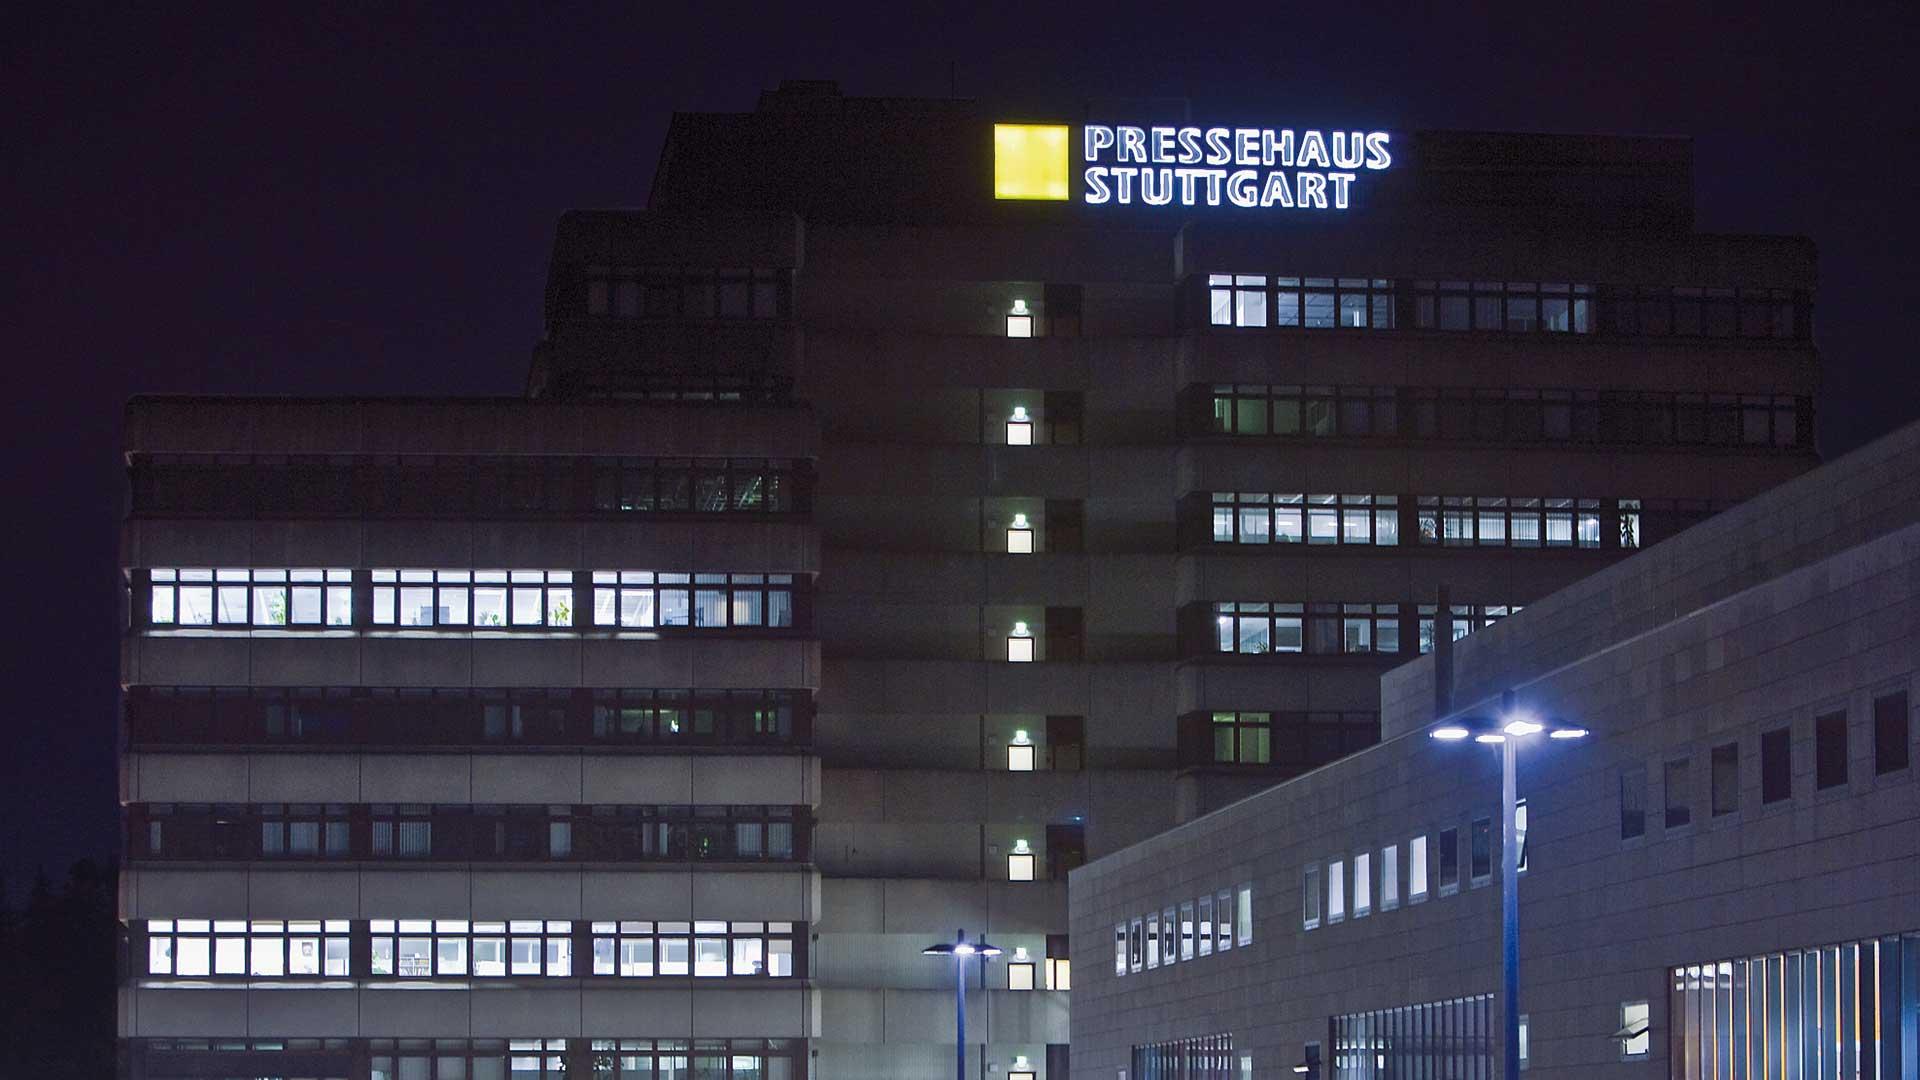 Südwestdeutsche Medienholding